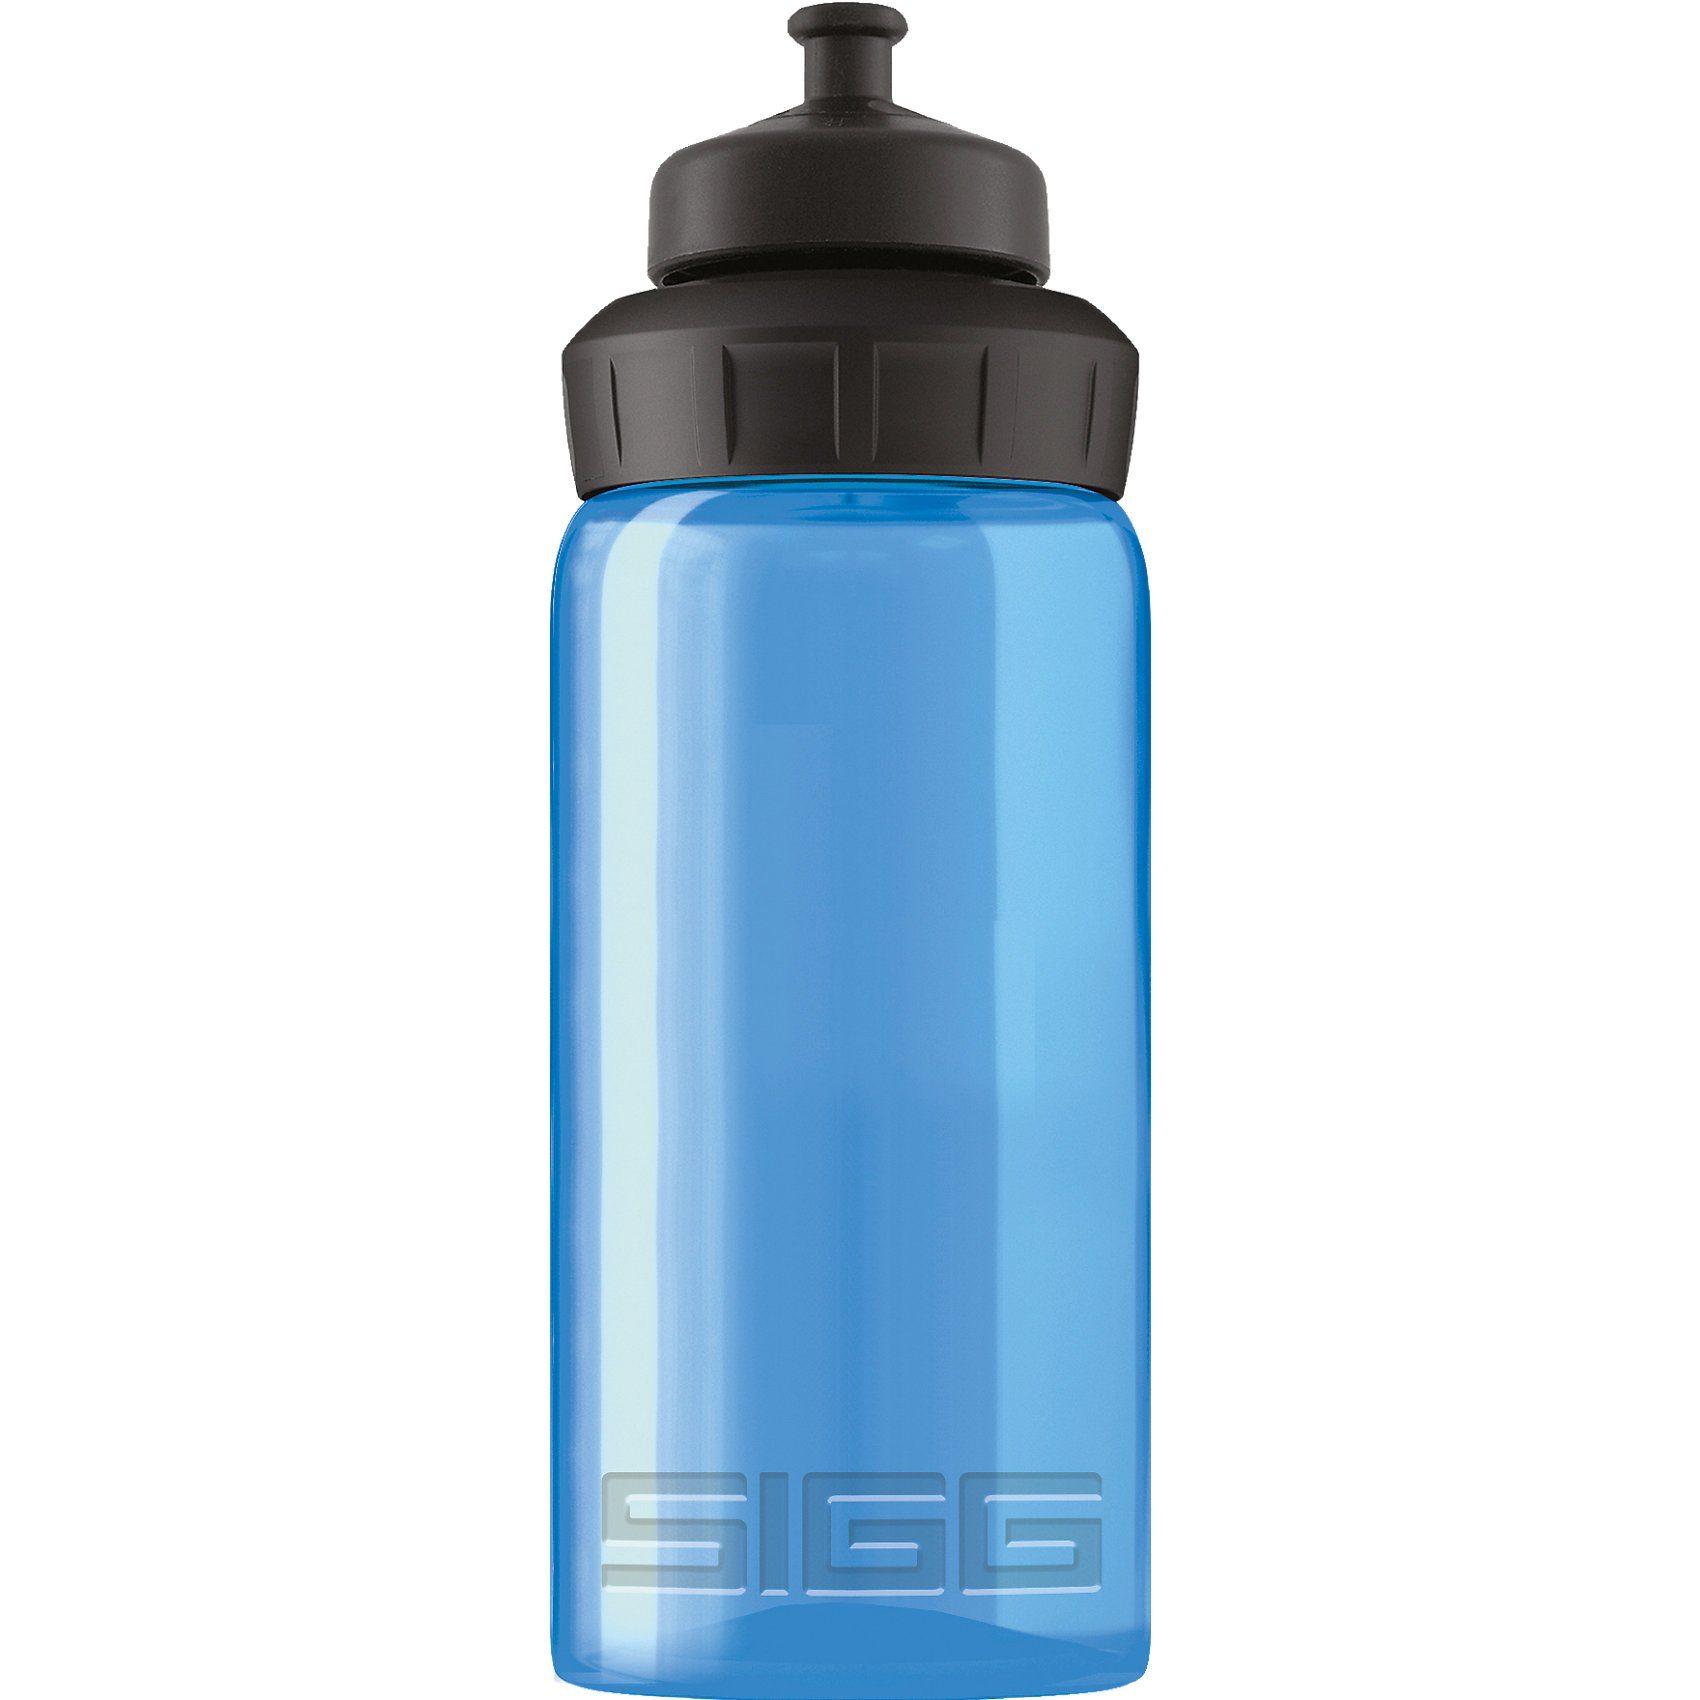 Sigg Trinkflasche VIVA 3-STAGE Blau, 500 ml